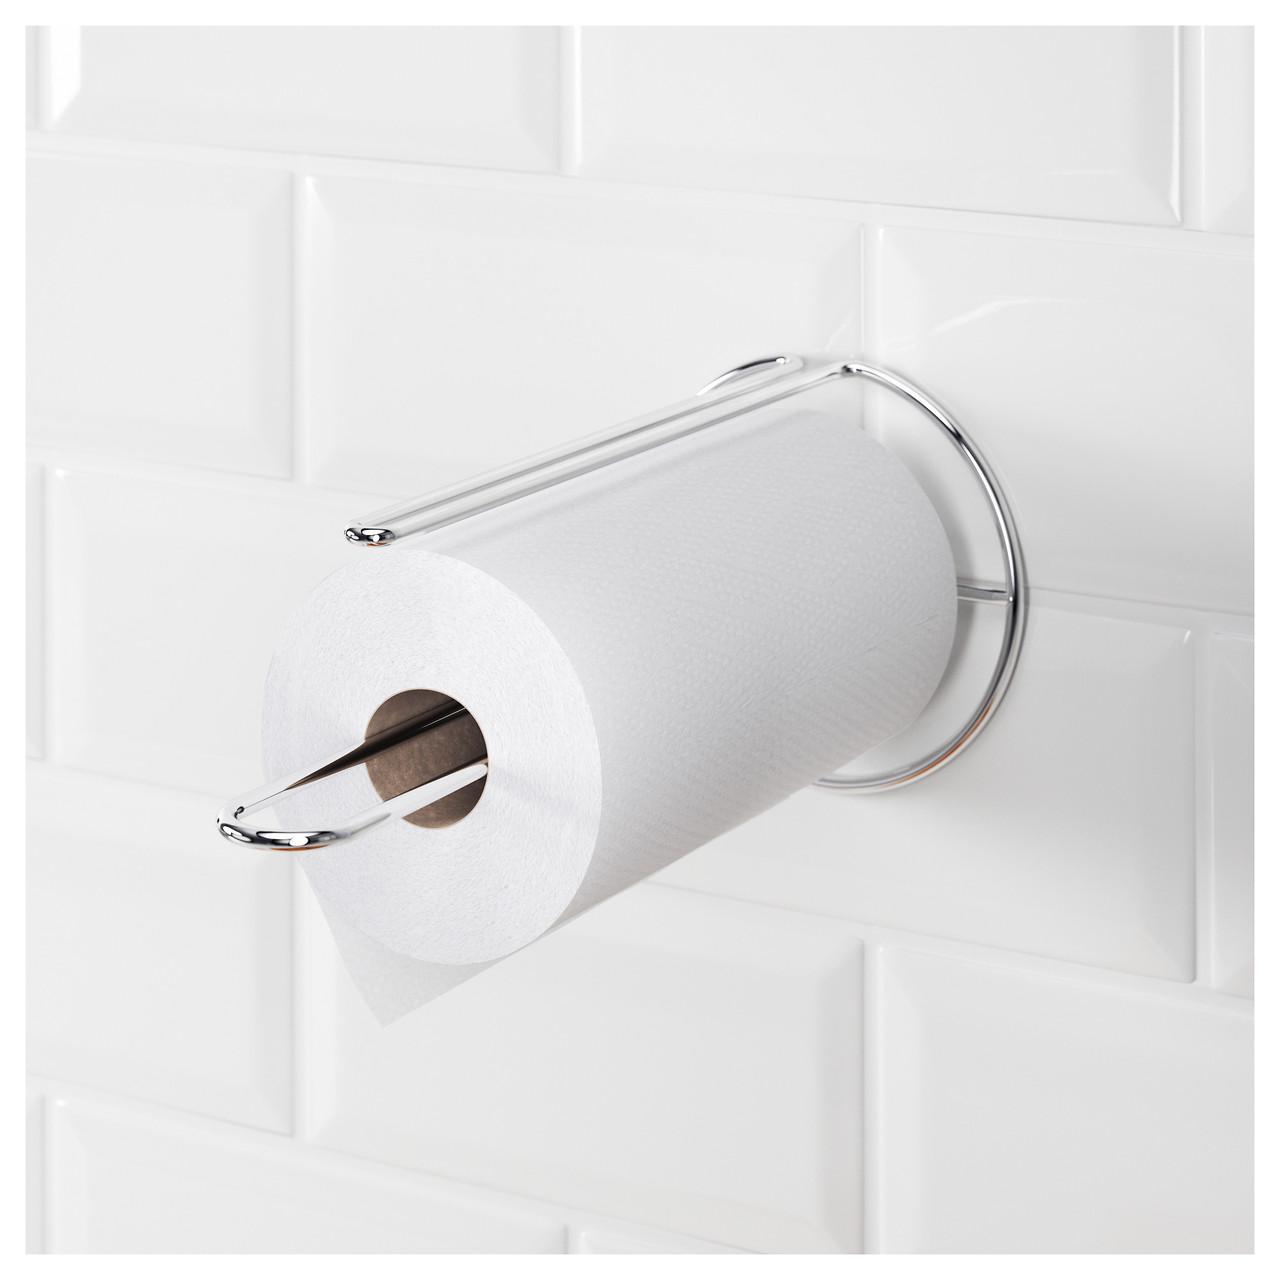 ТОРКАД Кухонный рулонодержатель, цвет алюминия  00208670 IKEA, ИКЕА, TORKAD